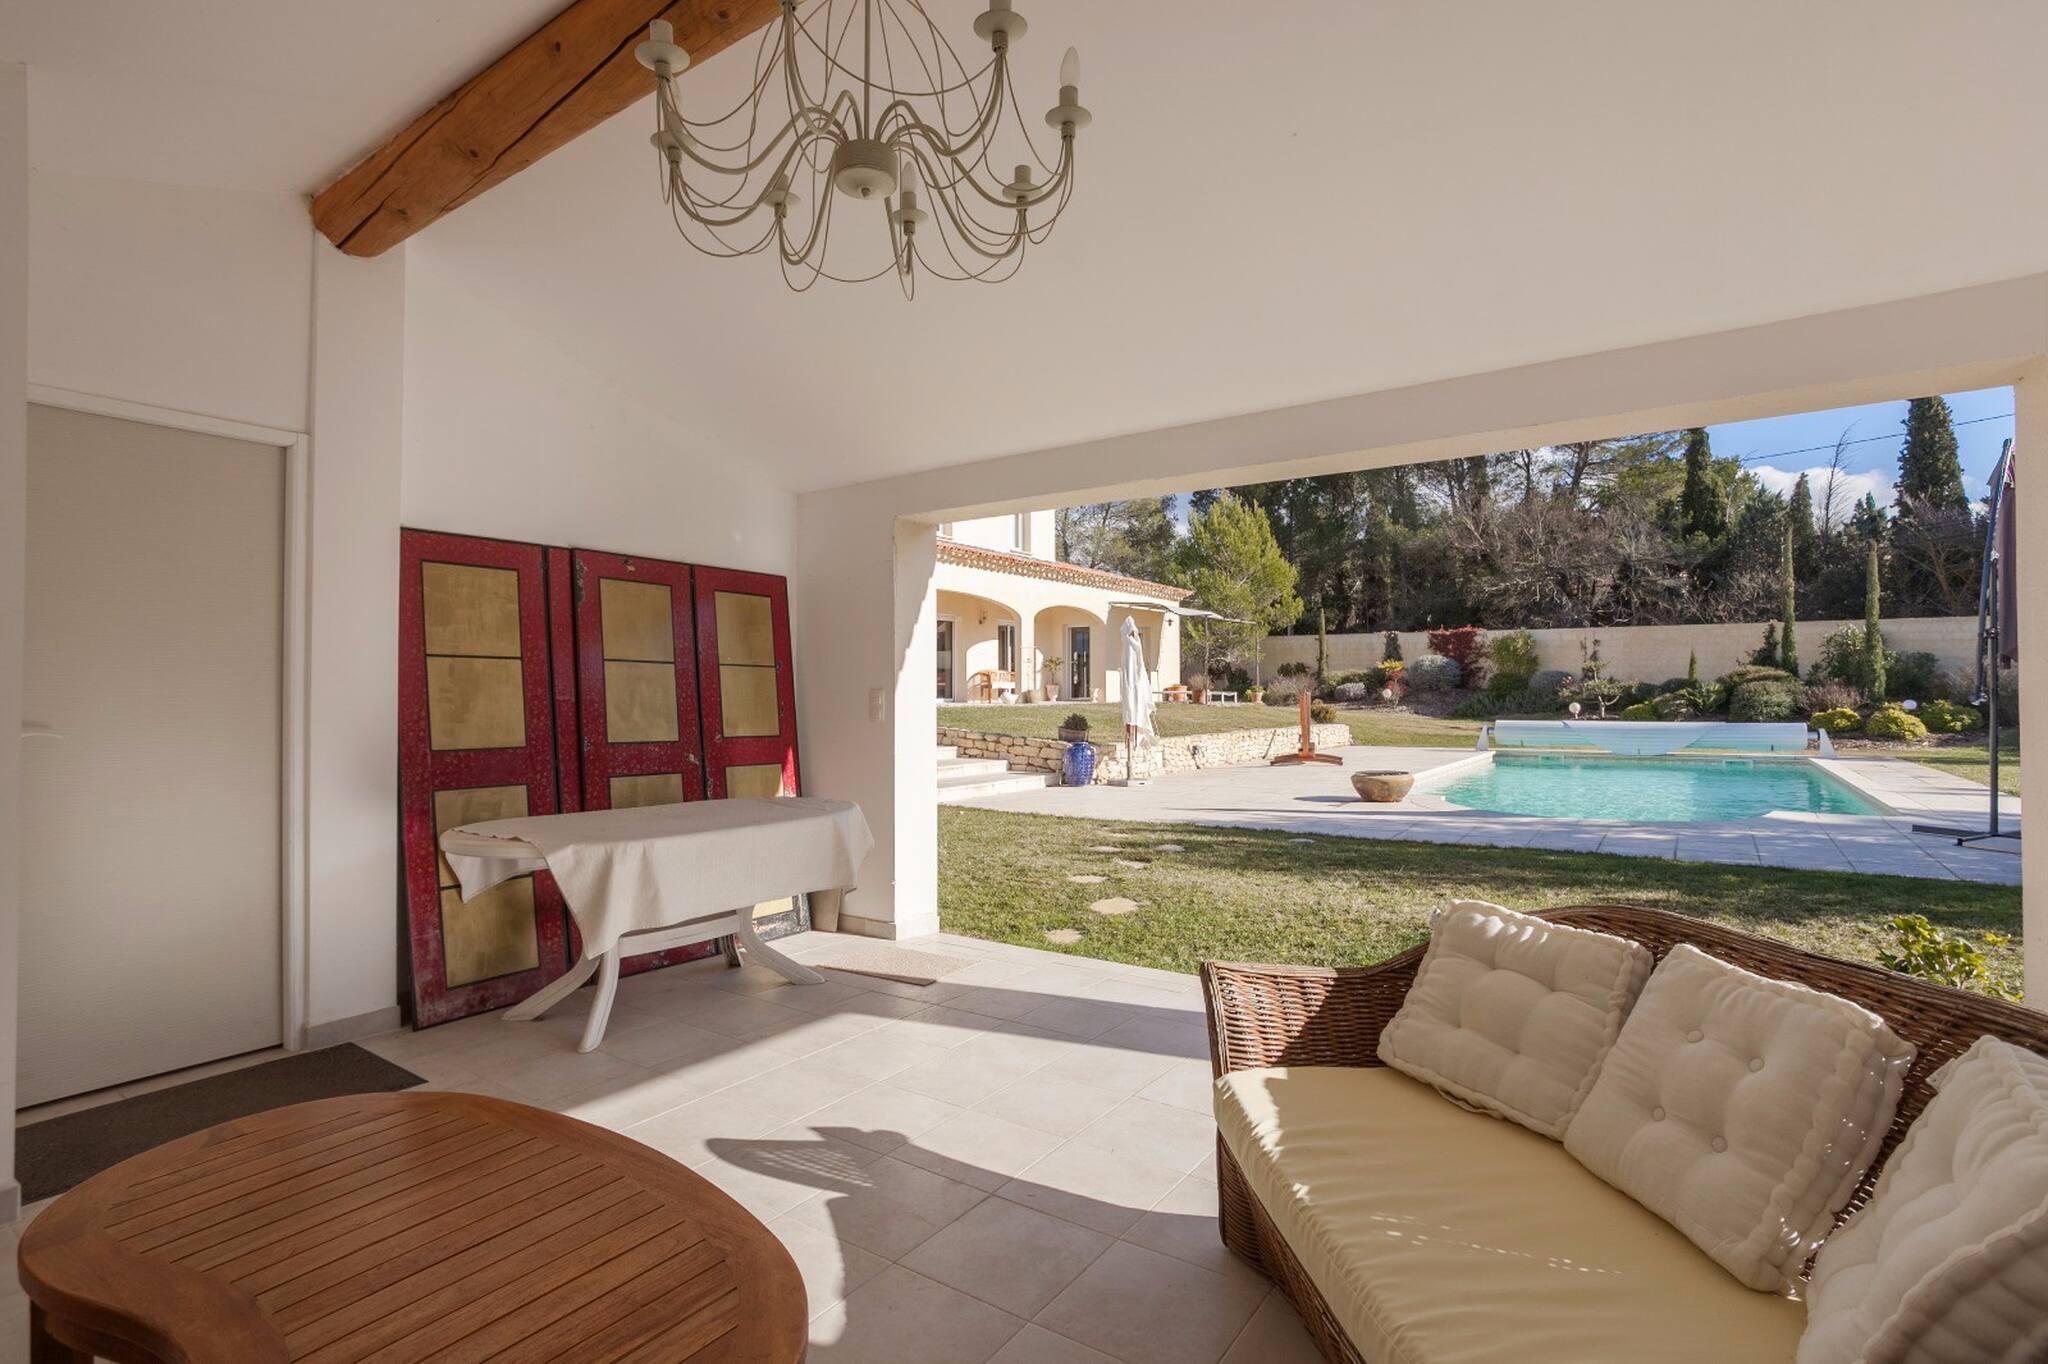 Maison de vacances La Bien Méritée - Für einen unvergesslichen Urlaub (2647544), L'Isle sur la Sorgue, Vaucluse, Provence - Alpes - Côte d'Azur, France, image 3